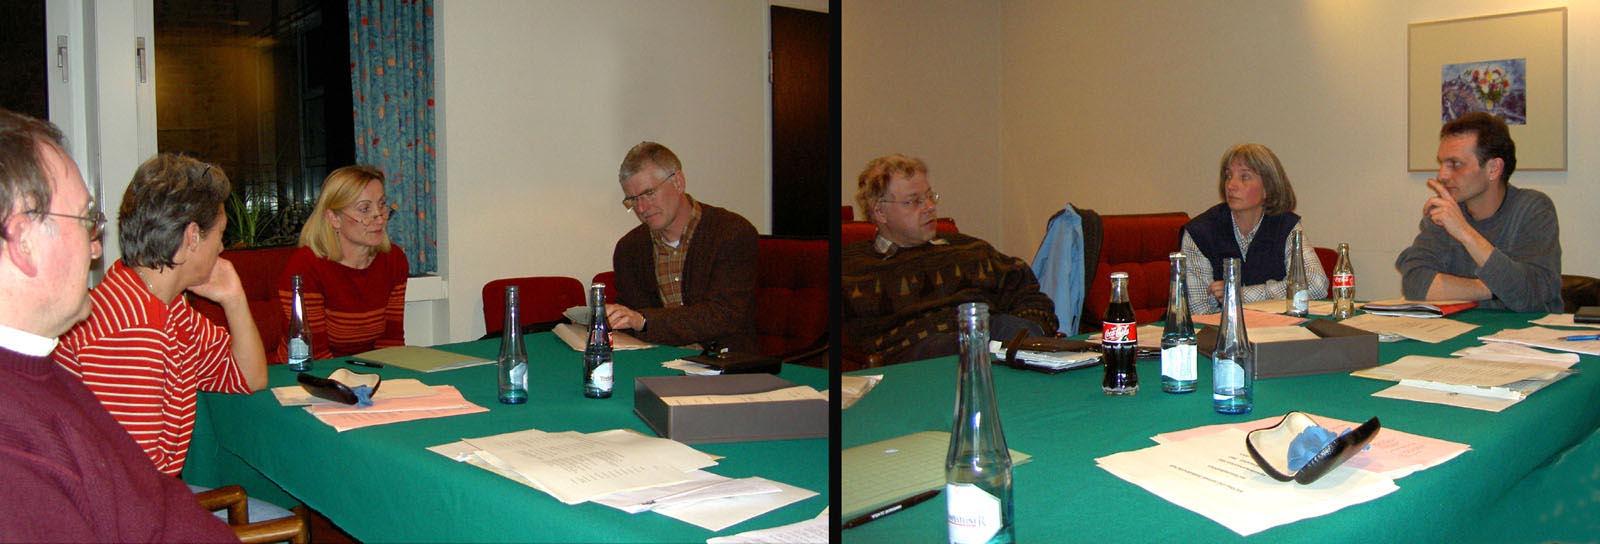 Foto: Fraktionssitzung